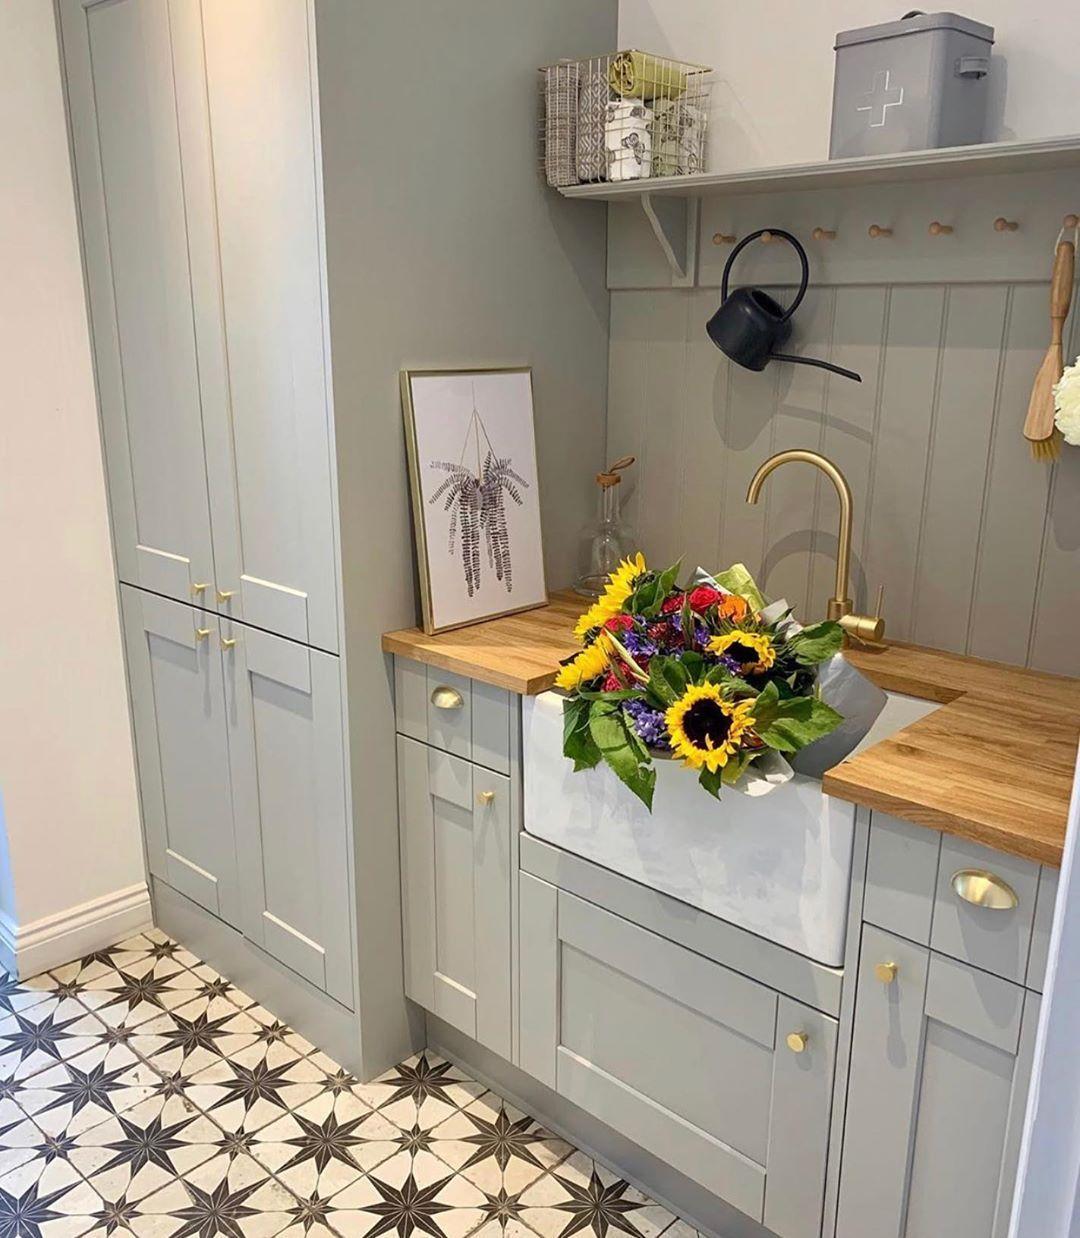 """Myperiodhomestyle auf Instagram: """"Meine letzte Wahl des Tages ist Amy @firststepontheladder für diesen wunderschönen Hauswirtschaftsraum mit Butler-Waschbecken und atemberaubenden Fliesen. Ihr Waschbecken ist ..."""